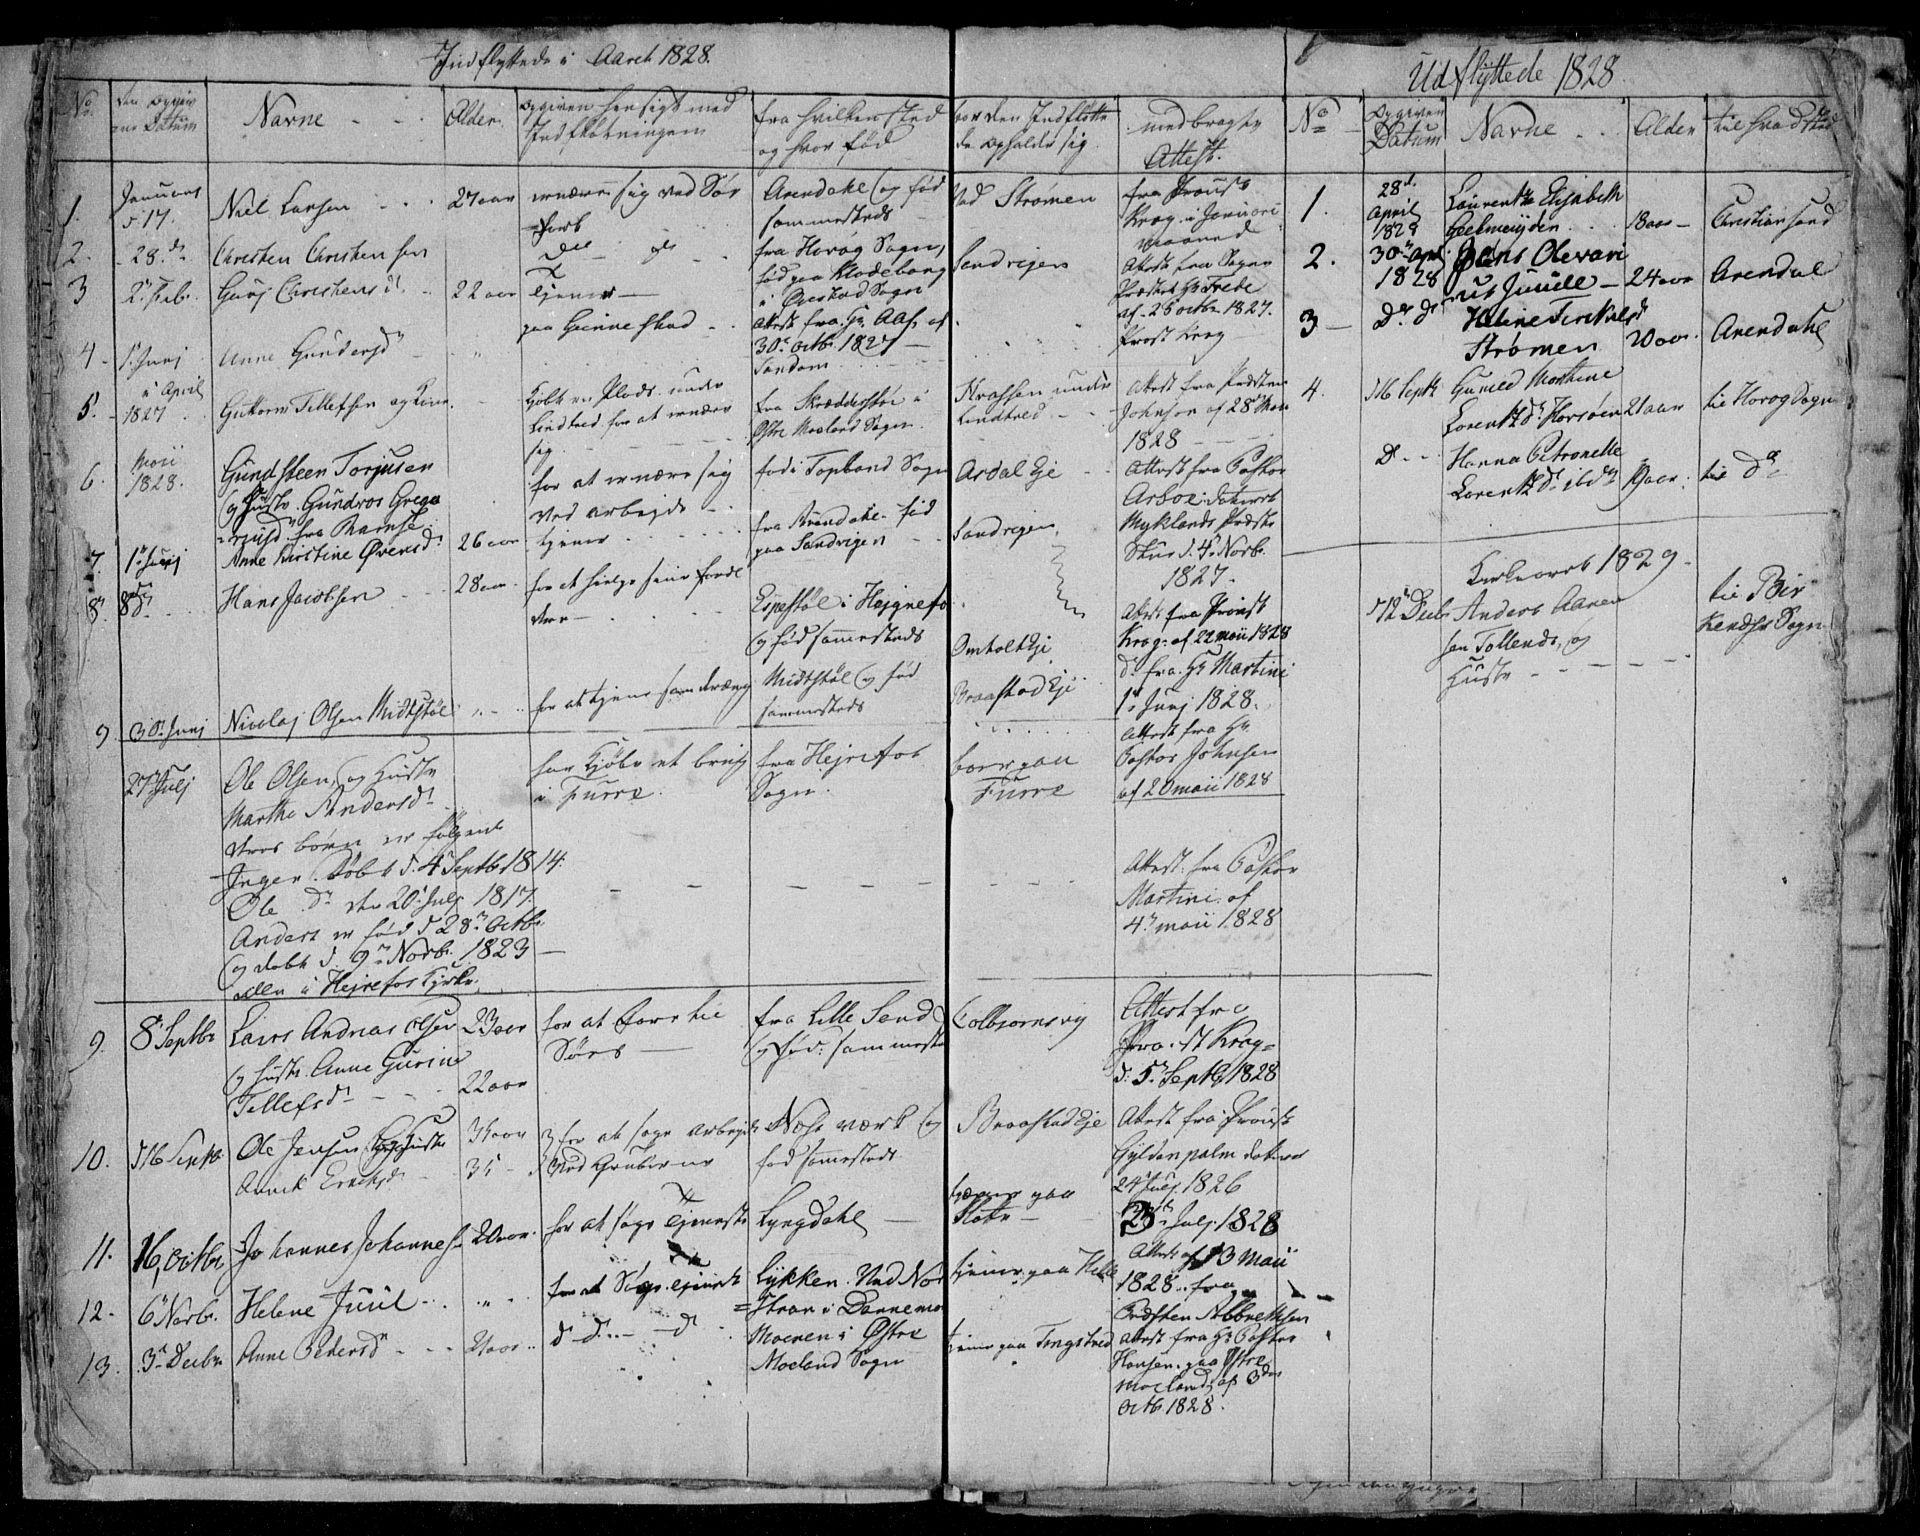 SAK, Øyestad sokneprestkontor, F/Fb/L0004: Klokkerbok nr. B 4, 1828-1833